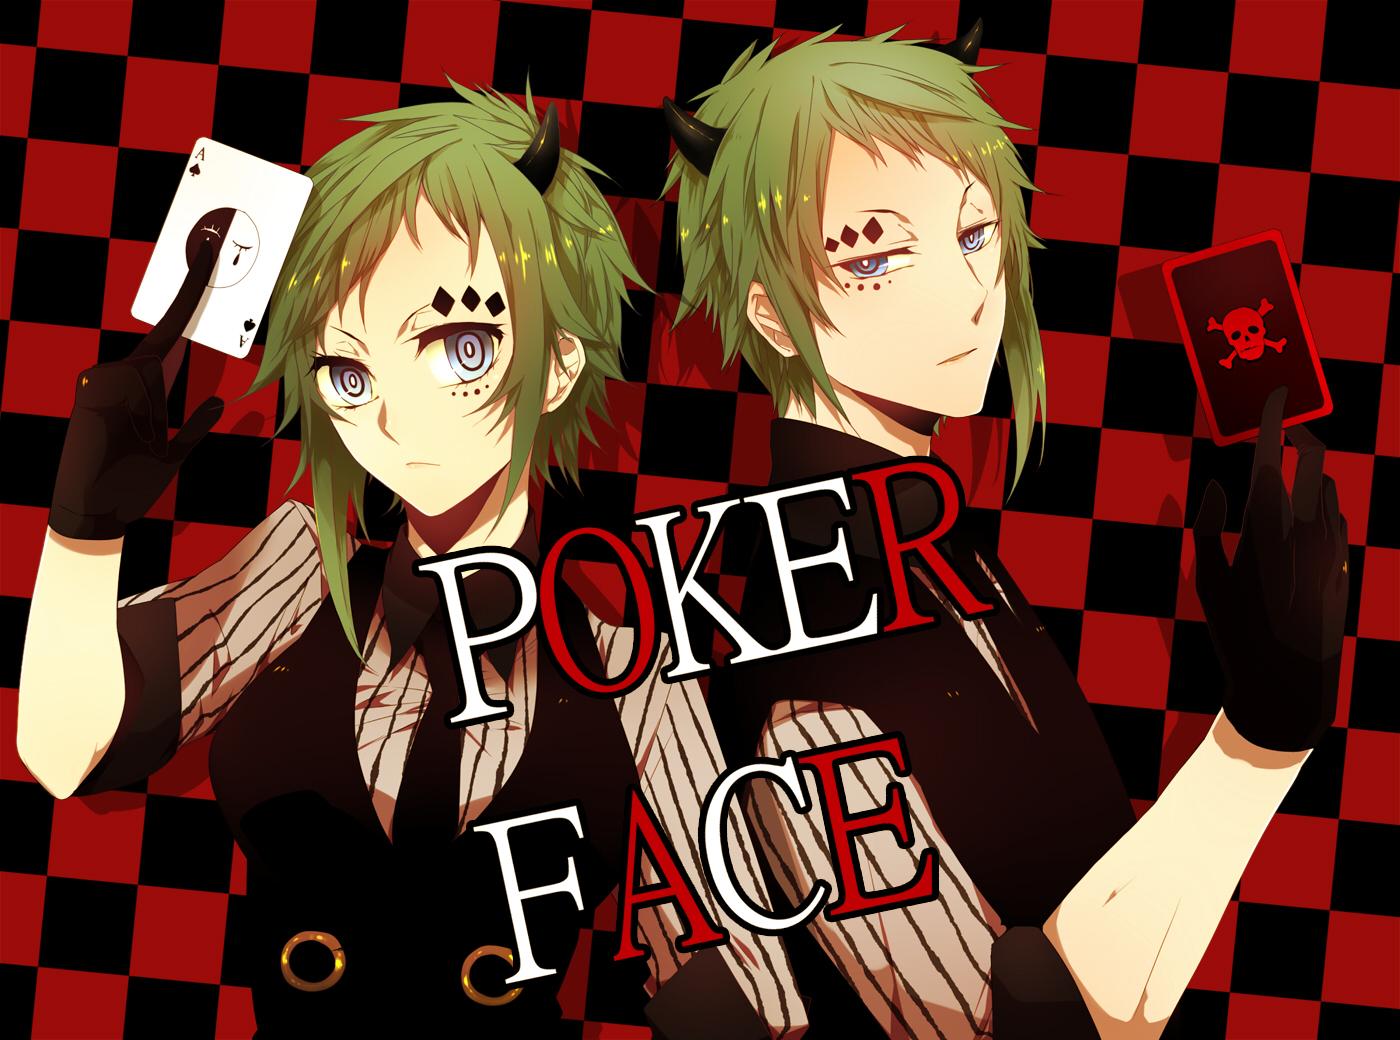 Hasil gambar untuk anime poker